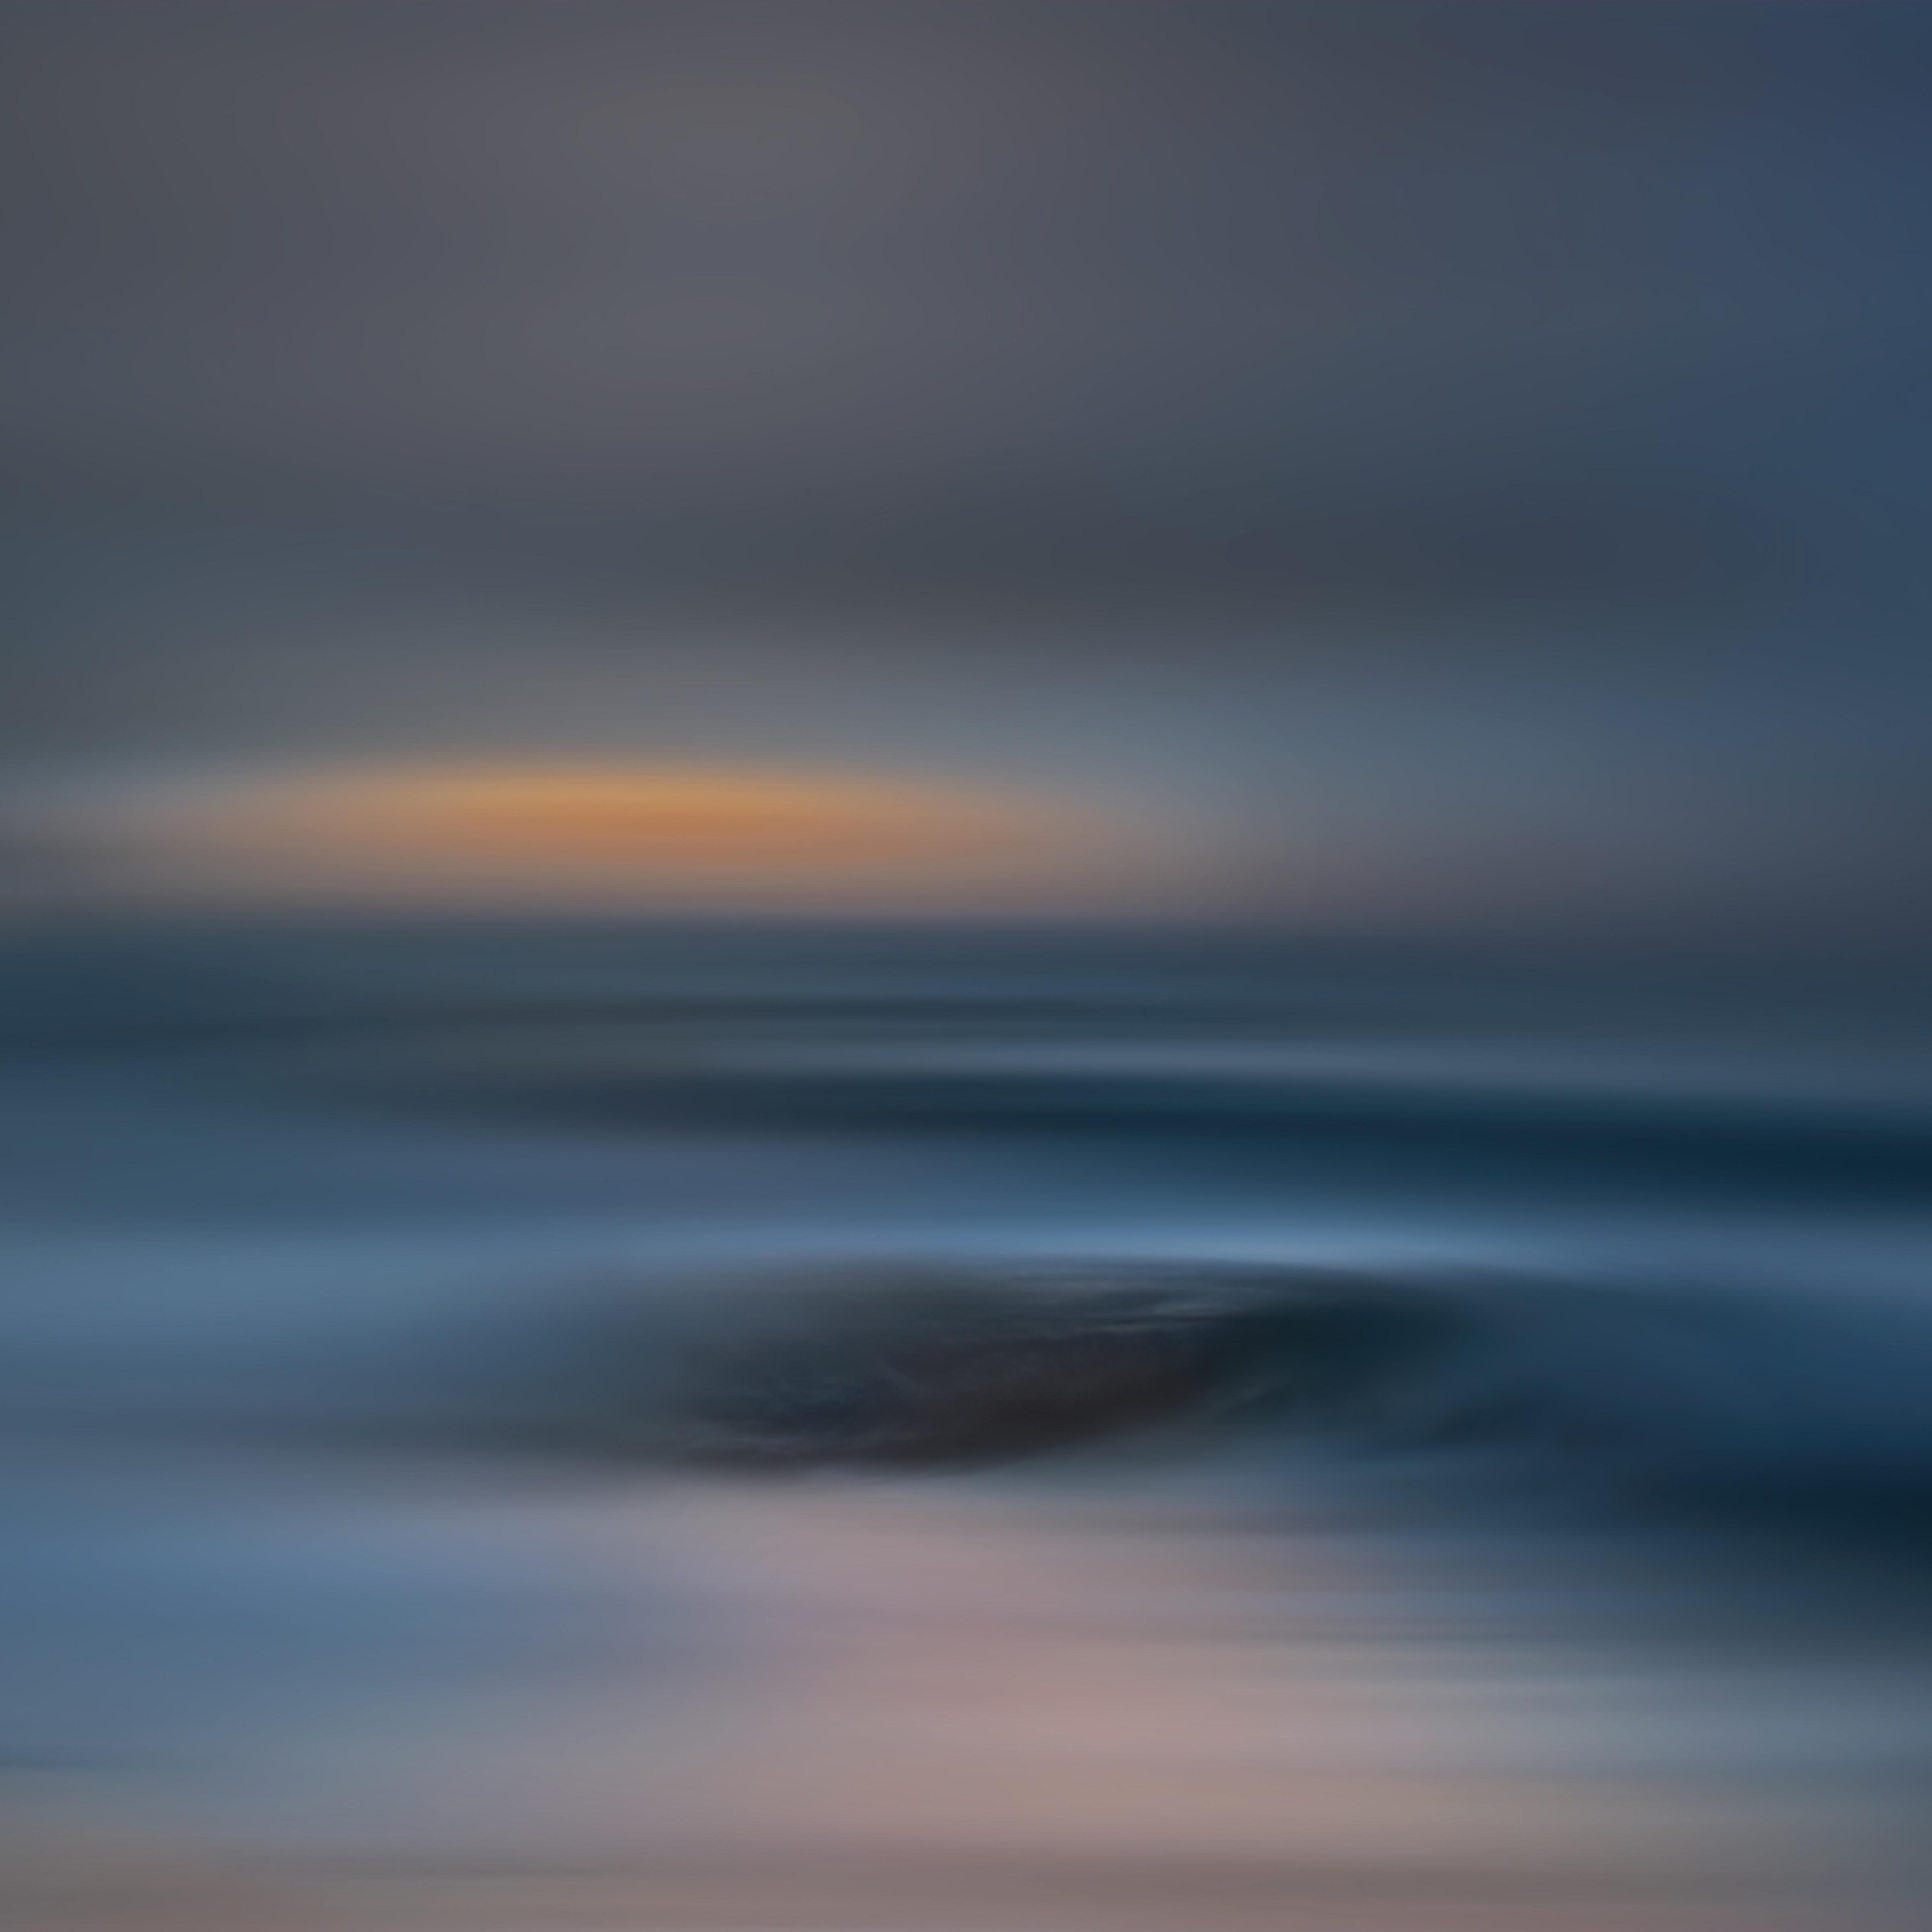 Waking sea cgbj6n